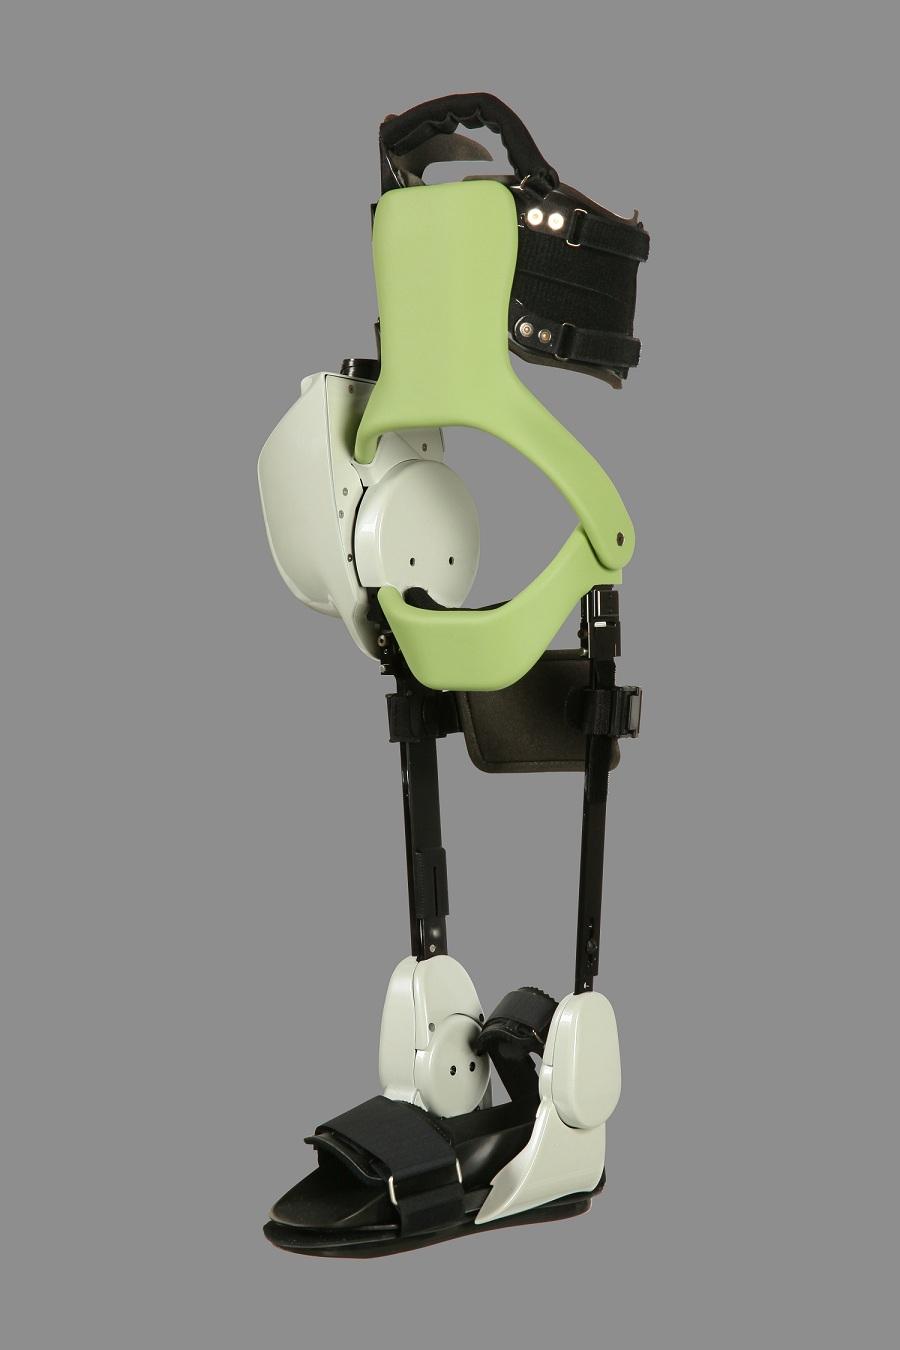 _Robot_rehabilitación_3_